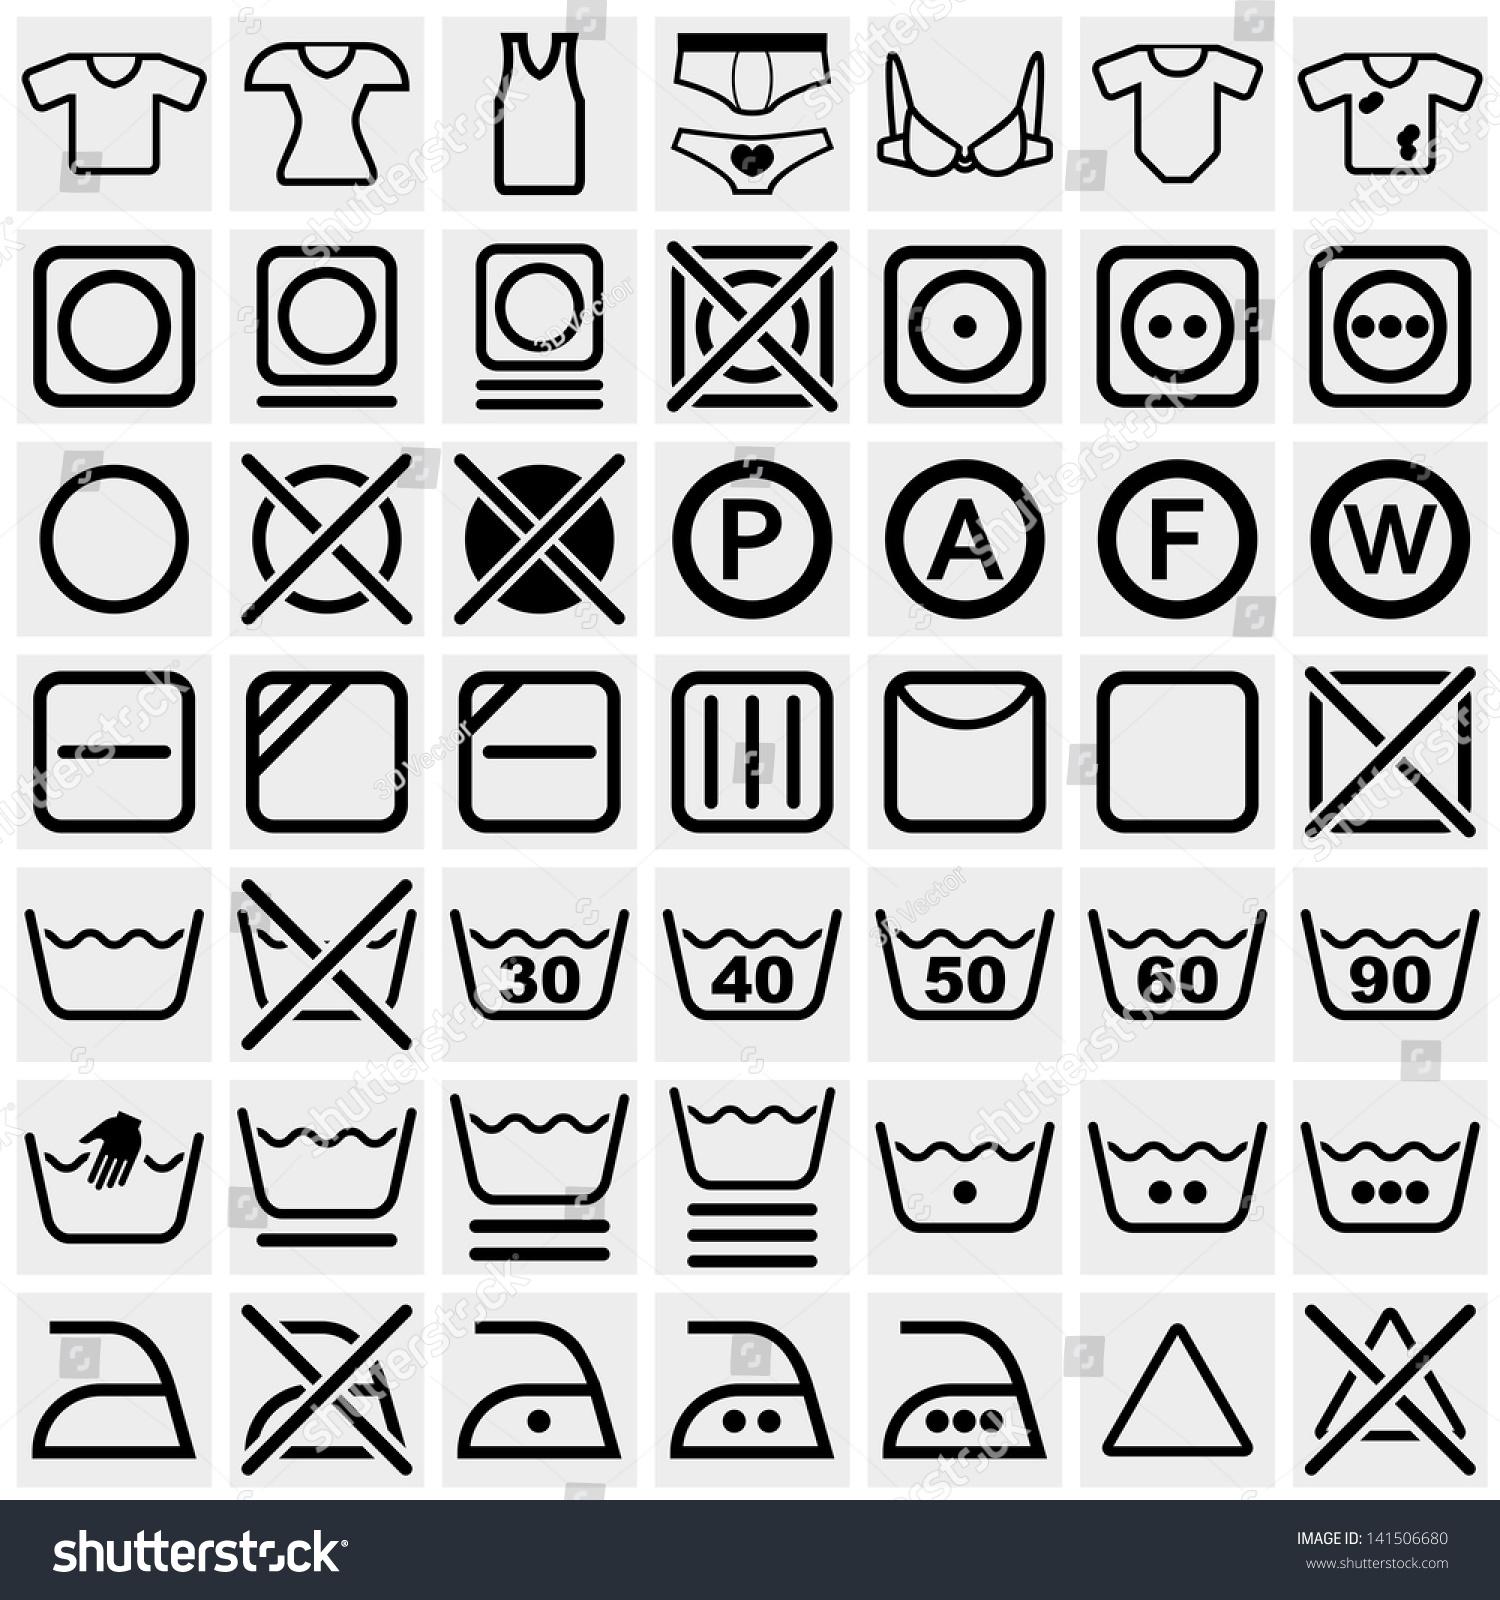 Royalty Free Washing Symbols Washing Instruction 141506680 Stock